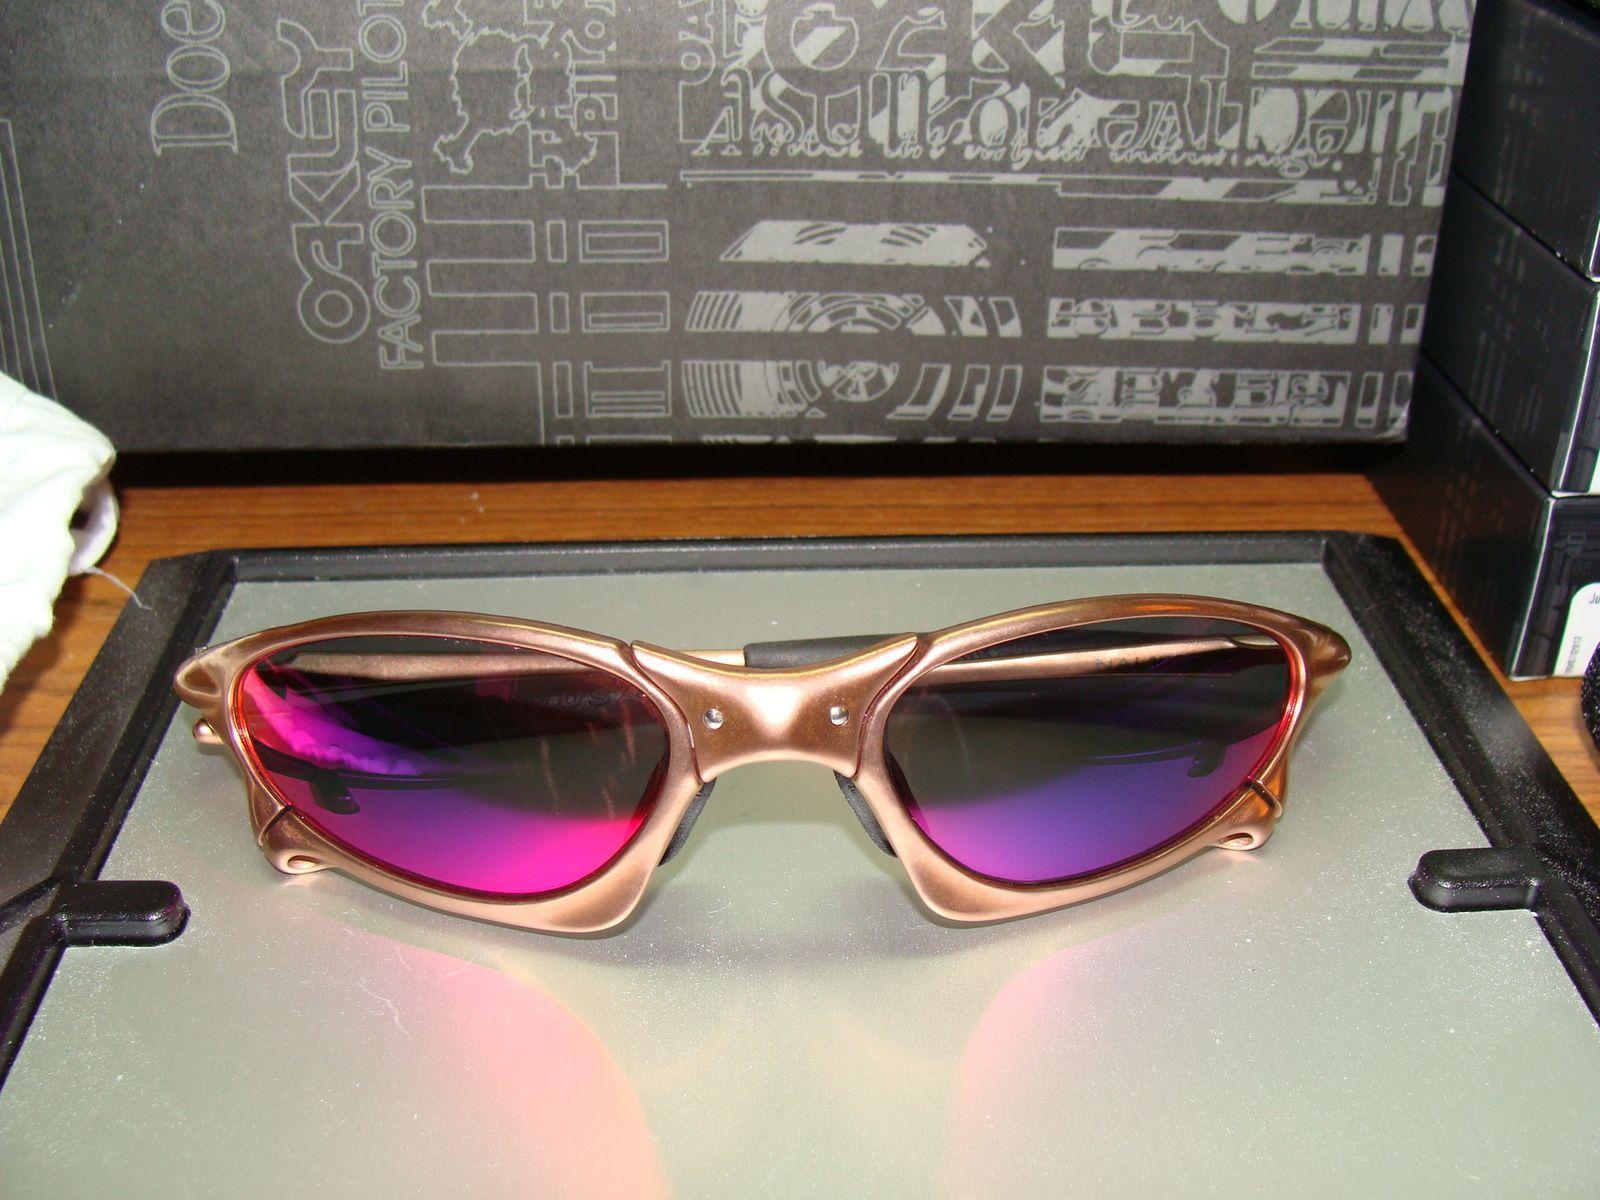 $60 MUST SELL Custom Cut + Red Iridium Lenses For Penny - dsc03592q.jpg